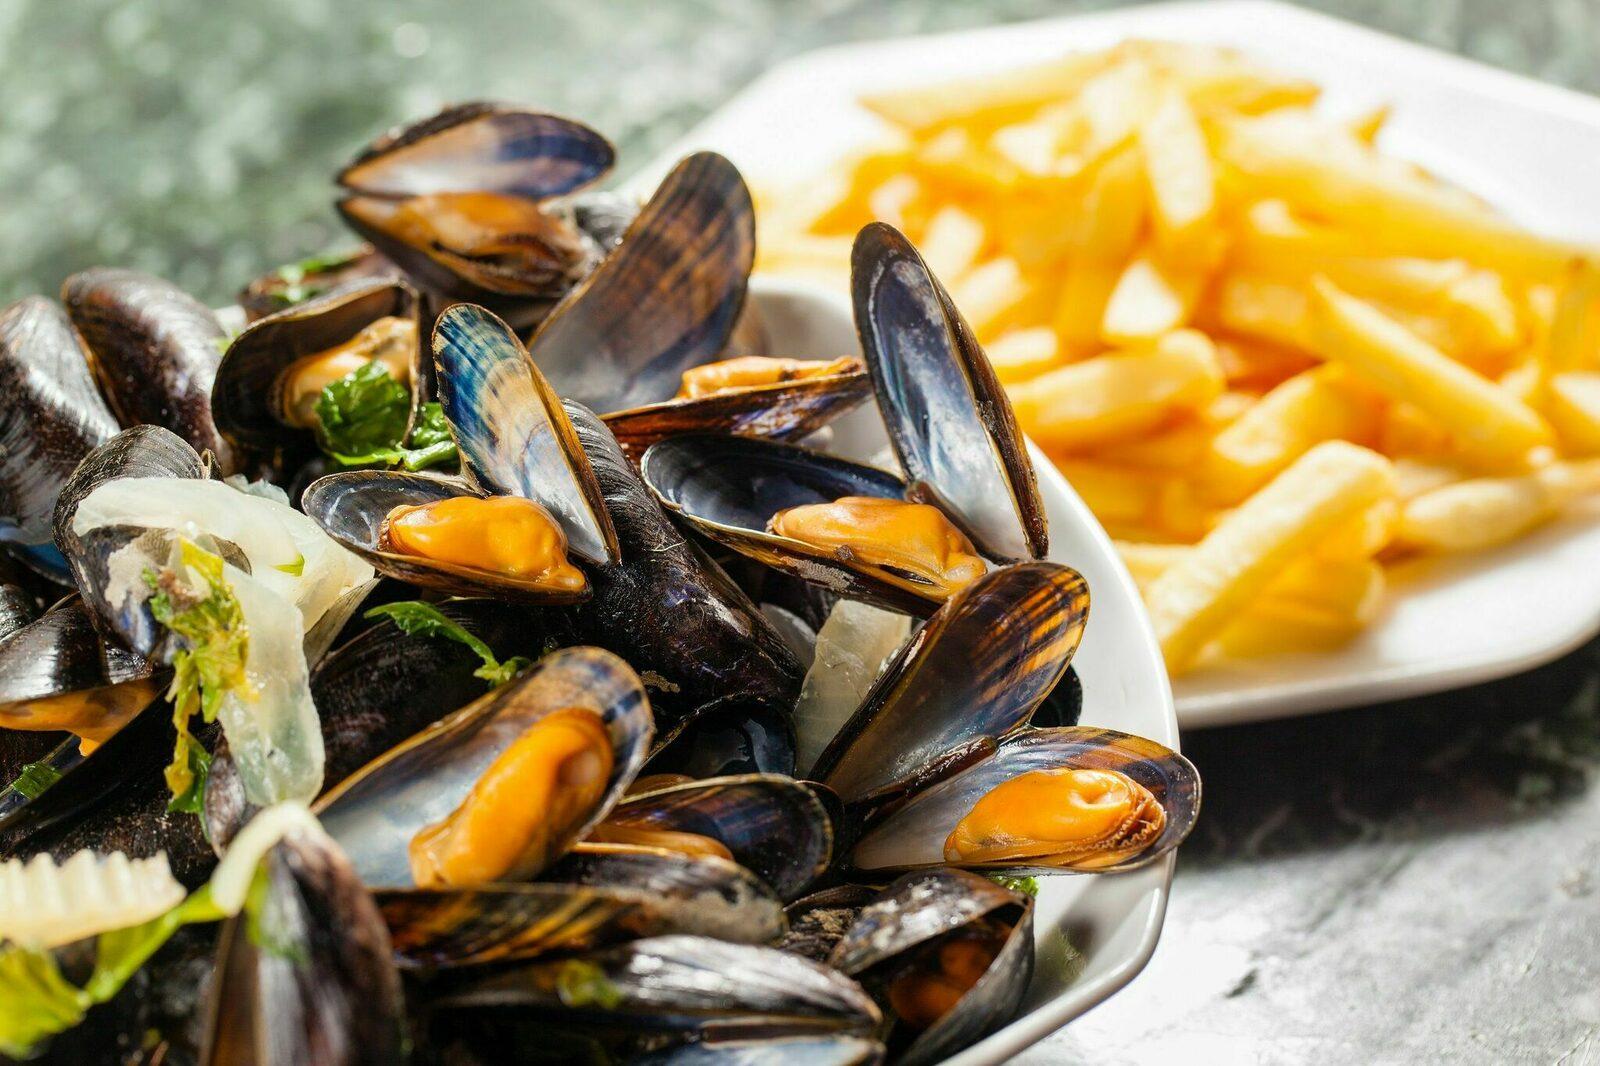 Musselsweekend